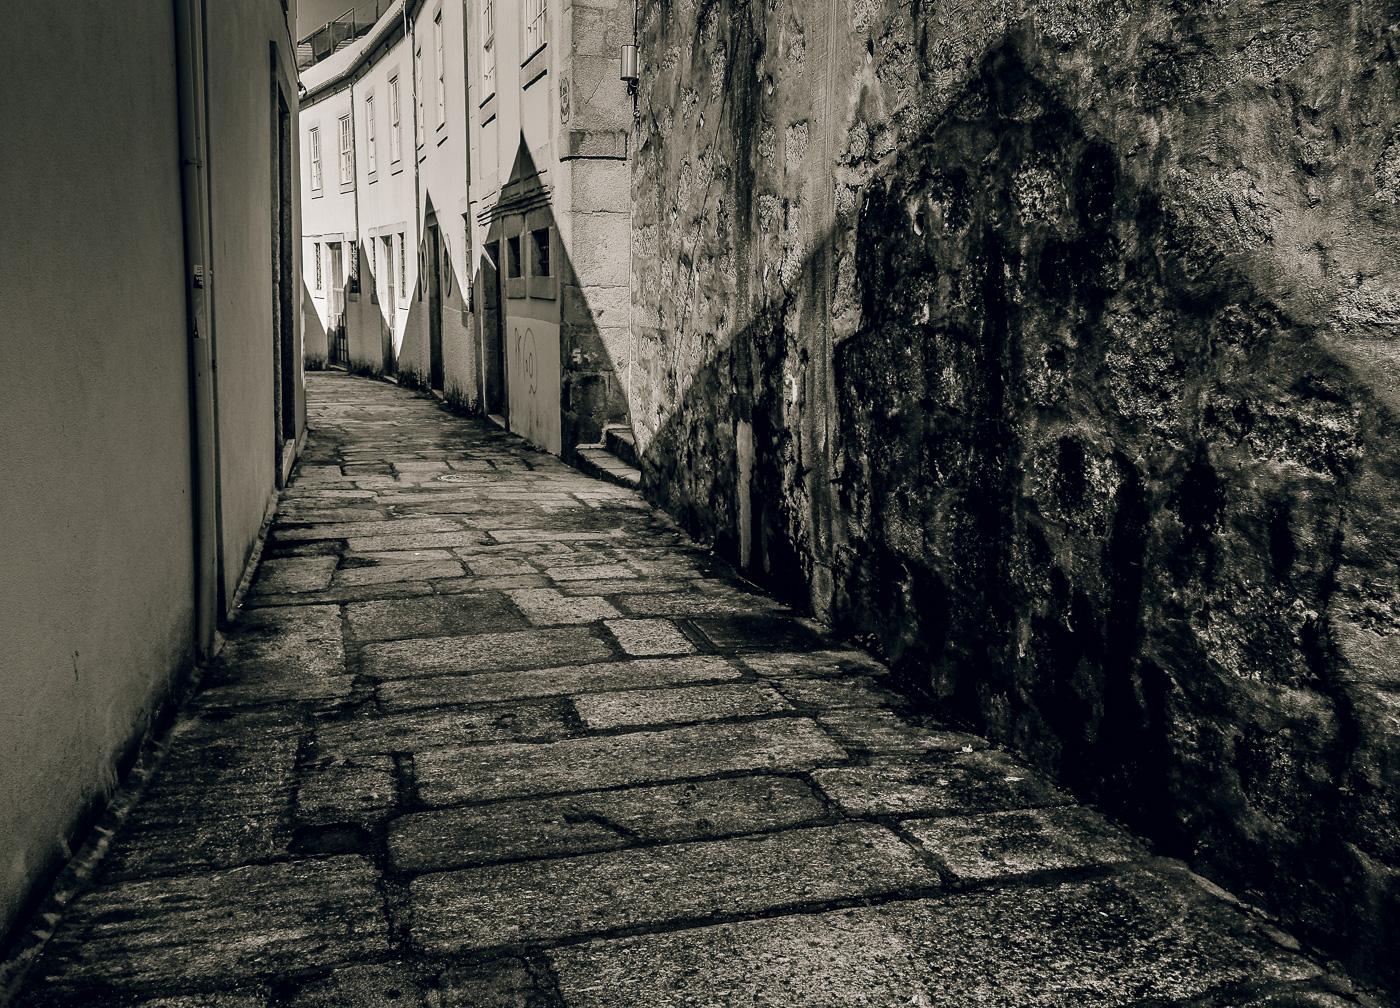 hedy bach images - Porto - b-w mem - 1